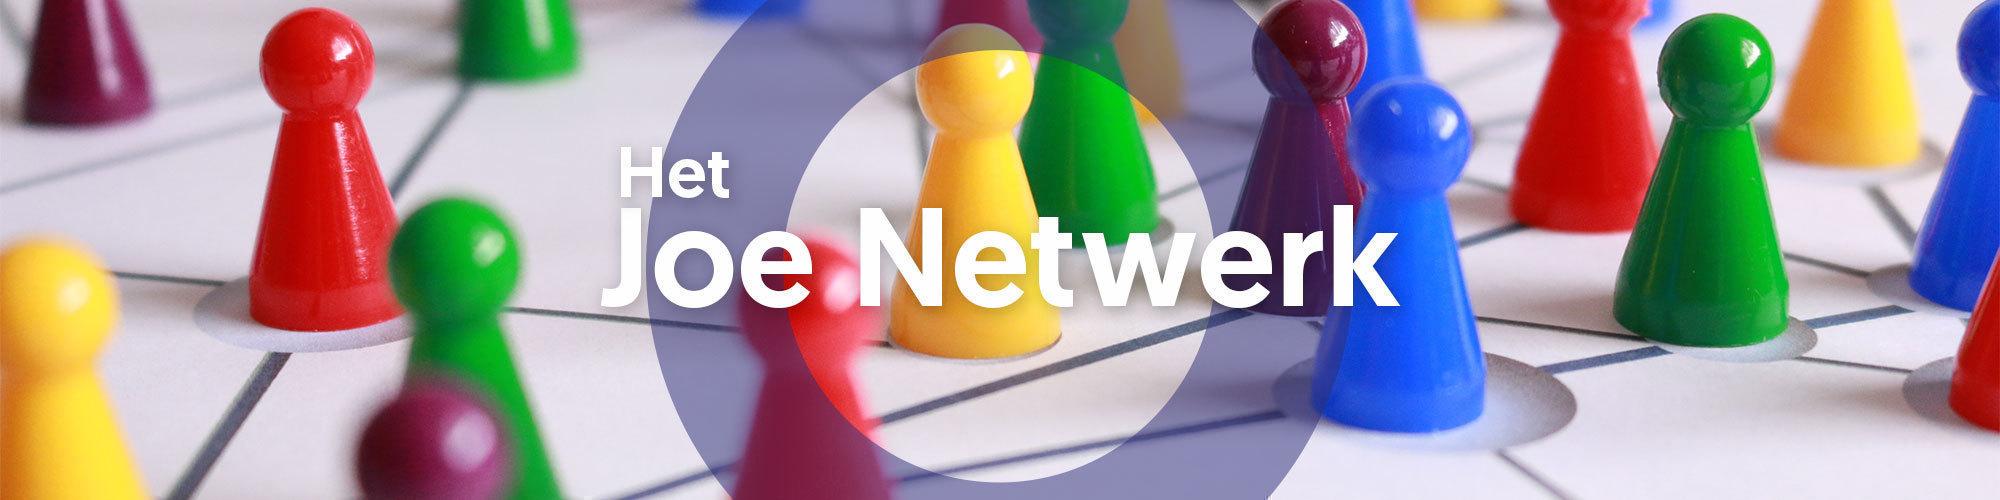 Joe netwerk header v2